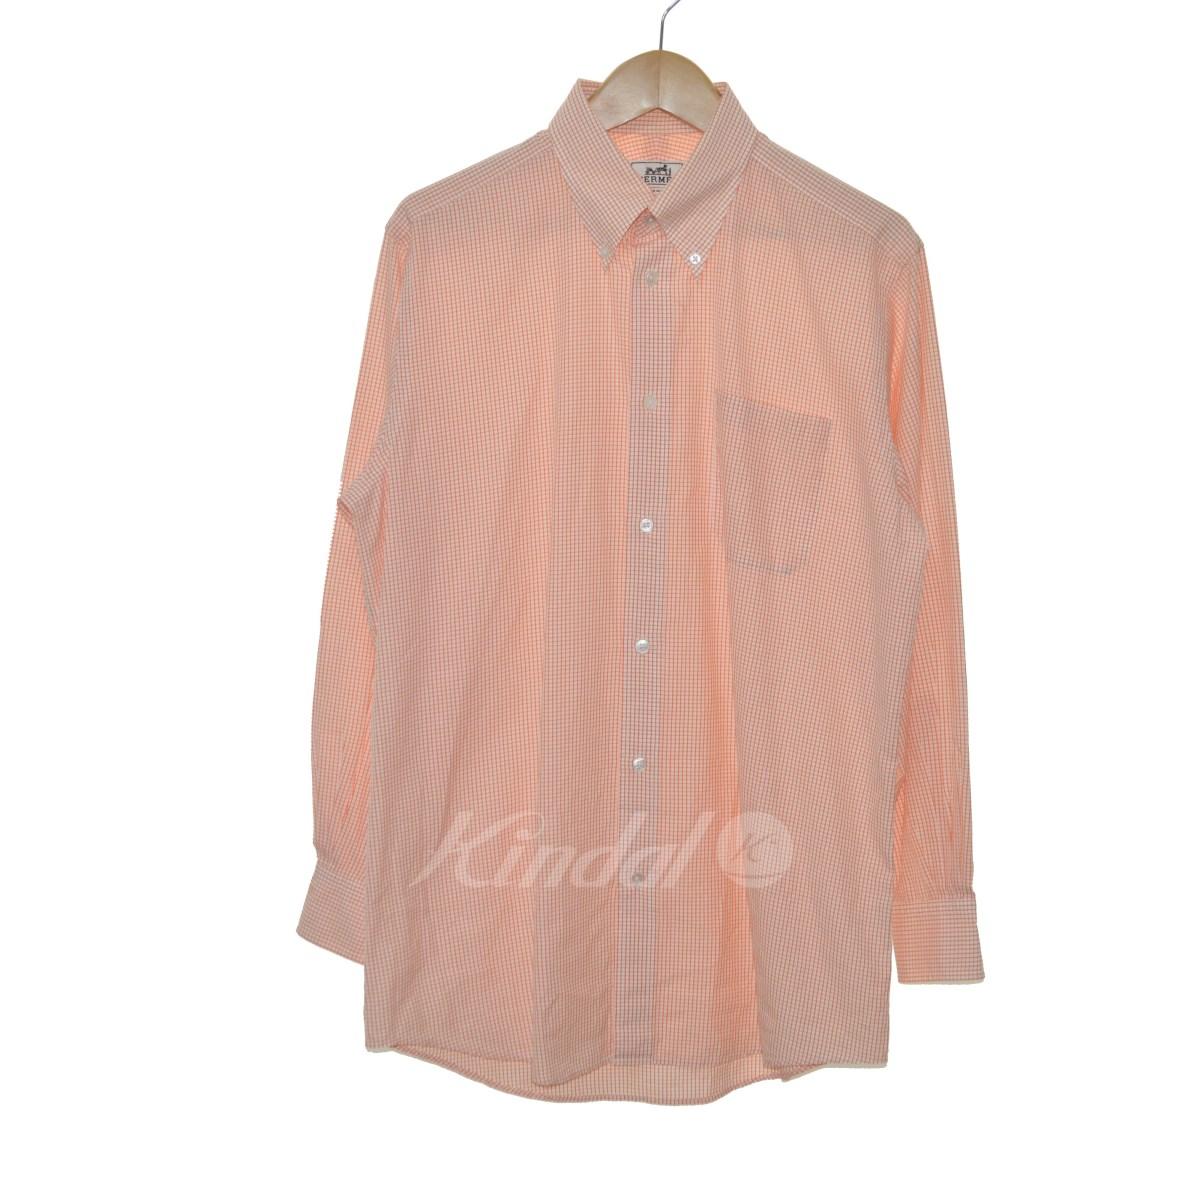 【中古】HERMES セリエボタン ボタンダウンシャツ オレンジ サイズ:39-15 1/2 【送料無料】 【240319】(エルメス)